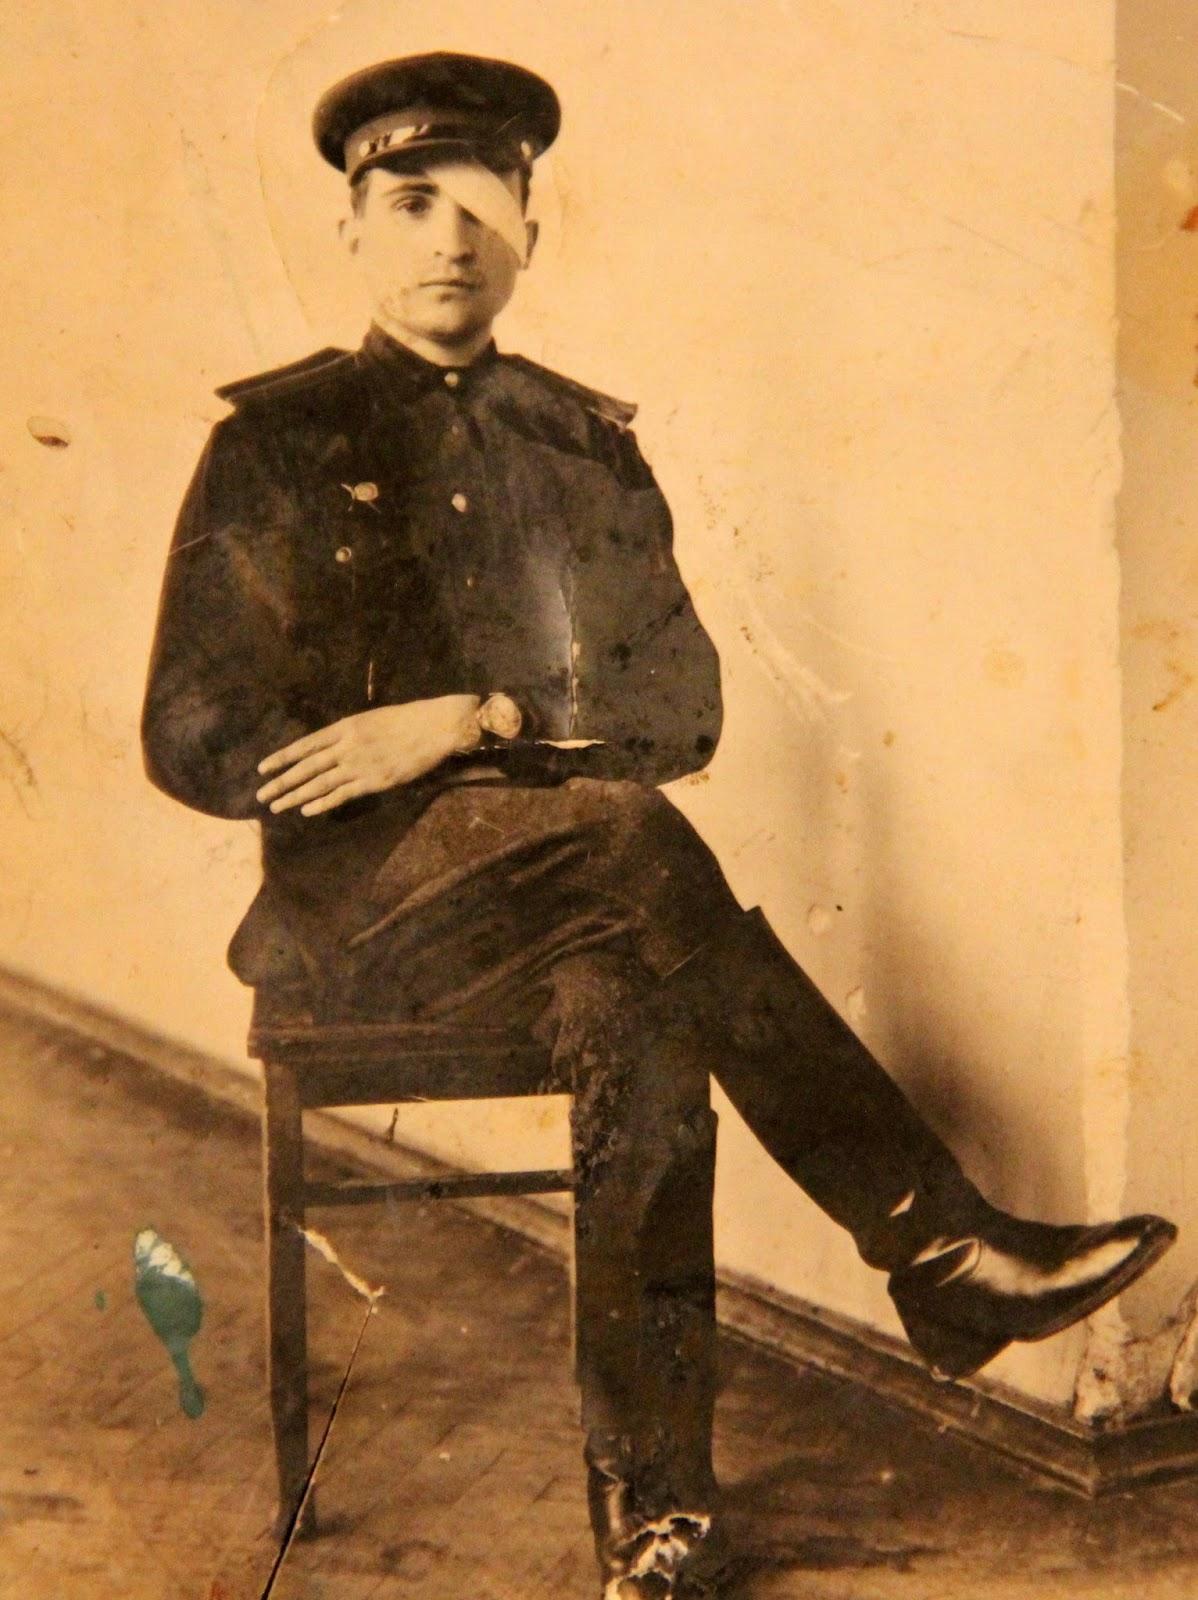 фотография дедушки участника великой отечественной войны